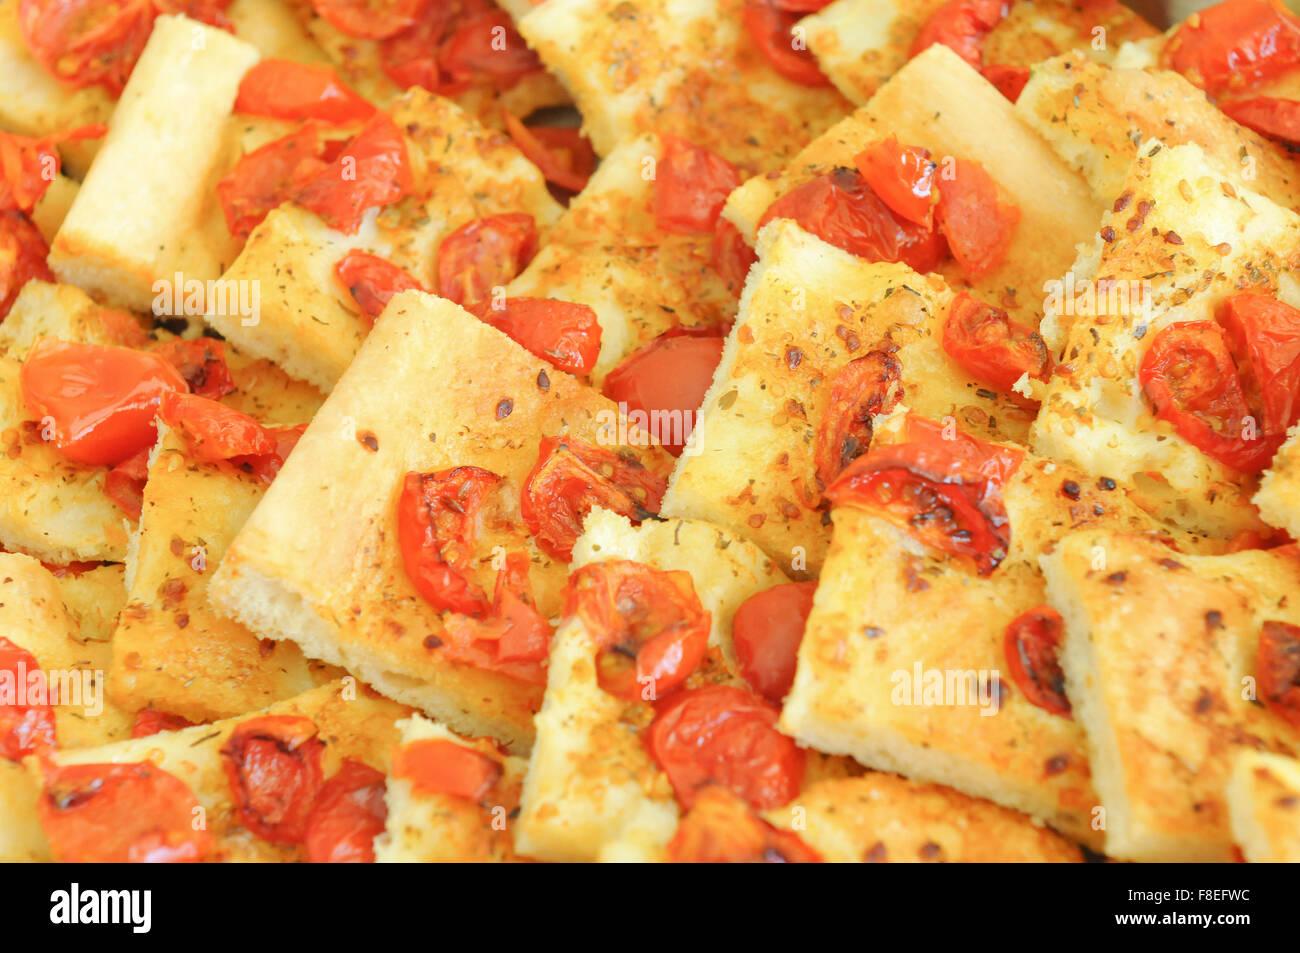 Fette di pizza con pomodoro ciliegino, olio, origano tipico del Cilento. Dieta mediterranea parla di buon gusto. Immagini Stock